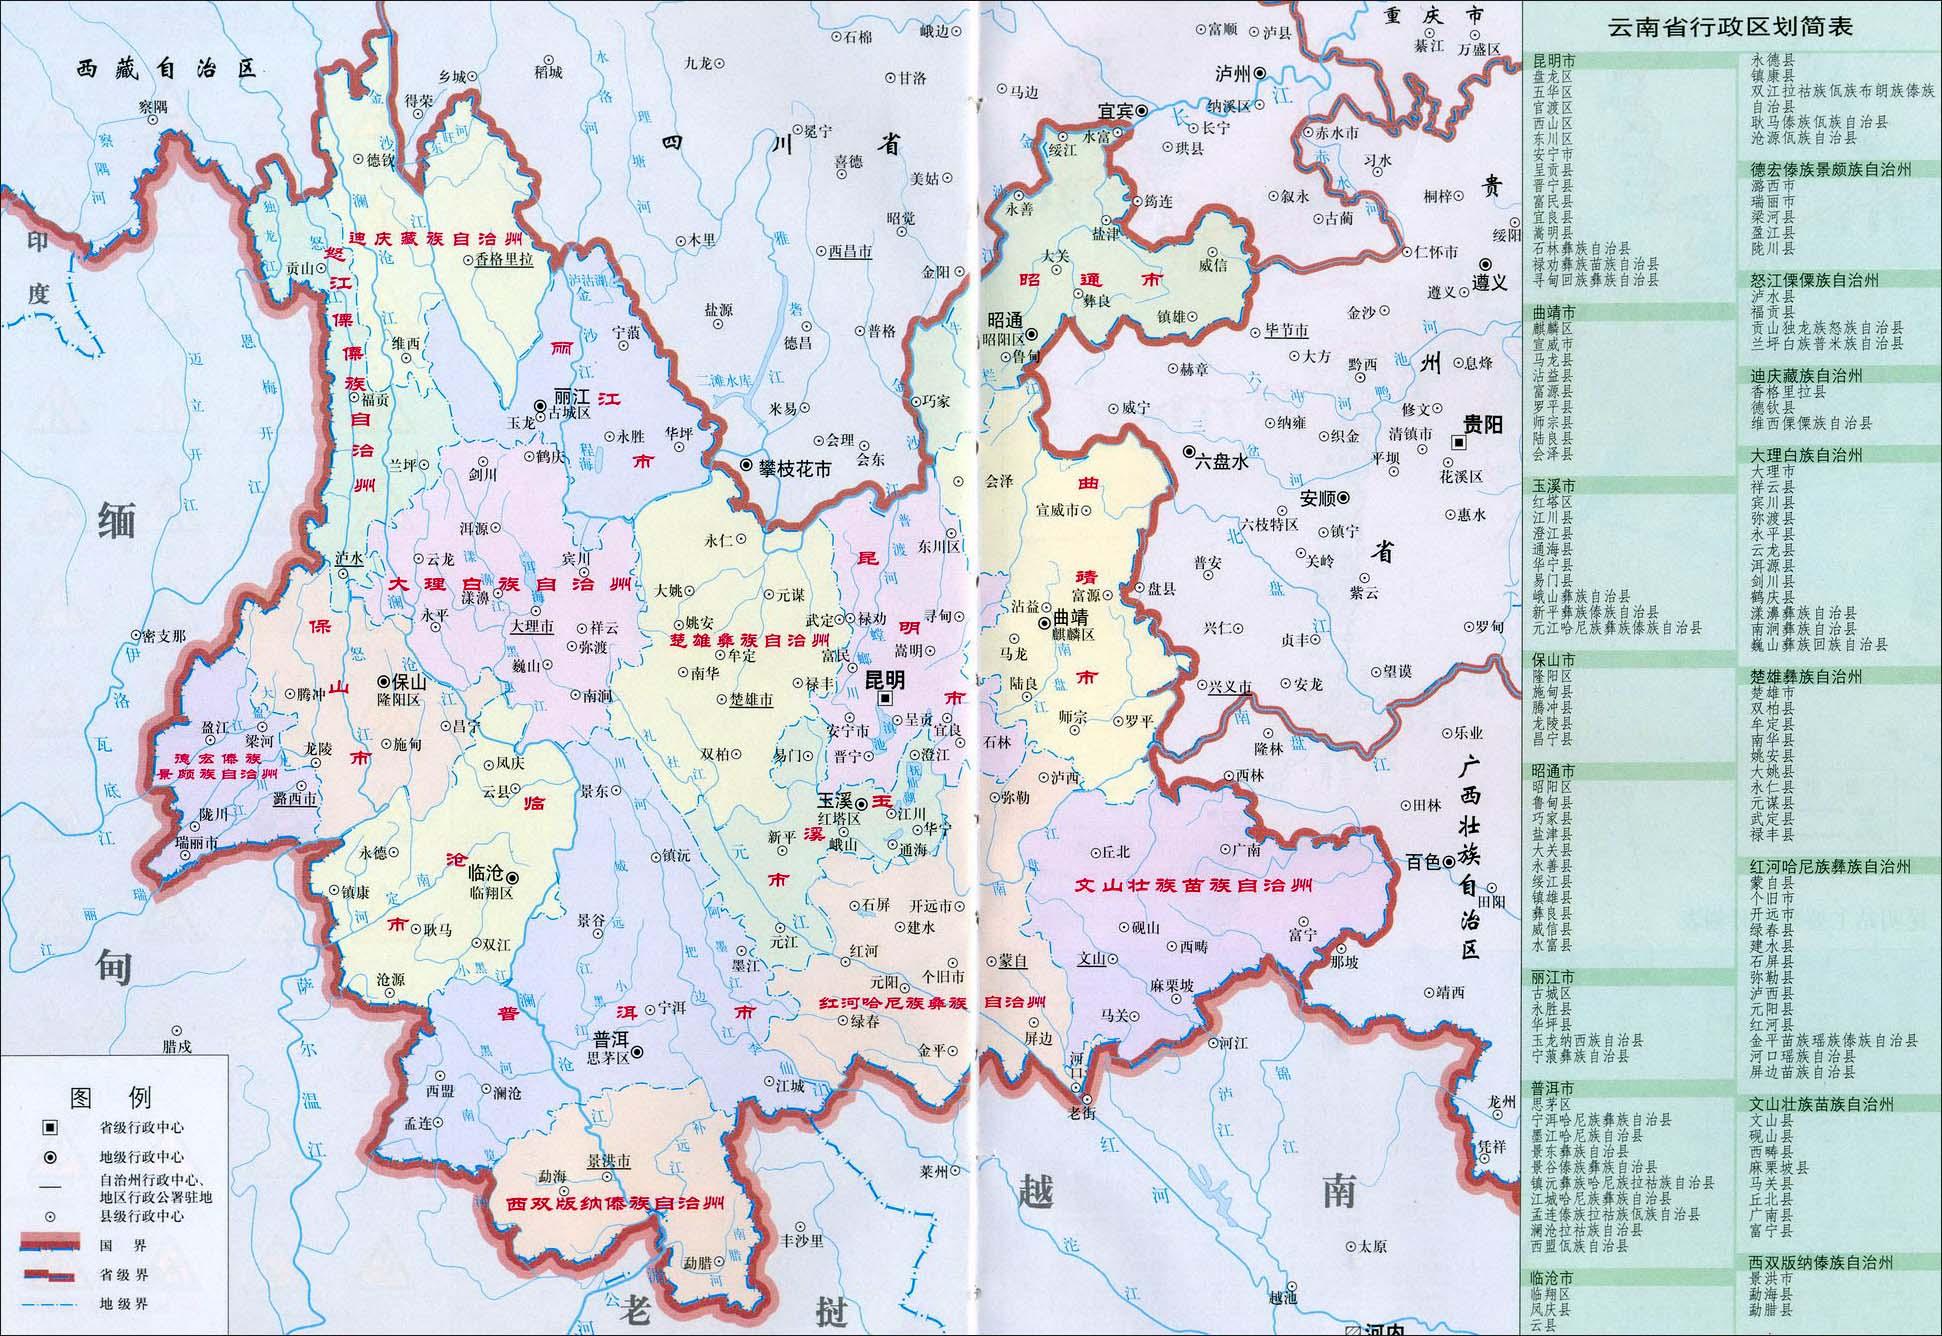 因为云南少数民族众多,互不统属,所以明朝的大云南当时土司官有如小王国.图片